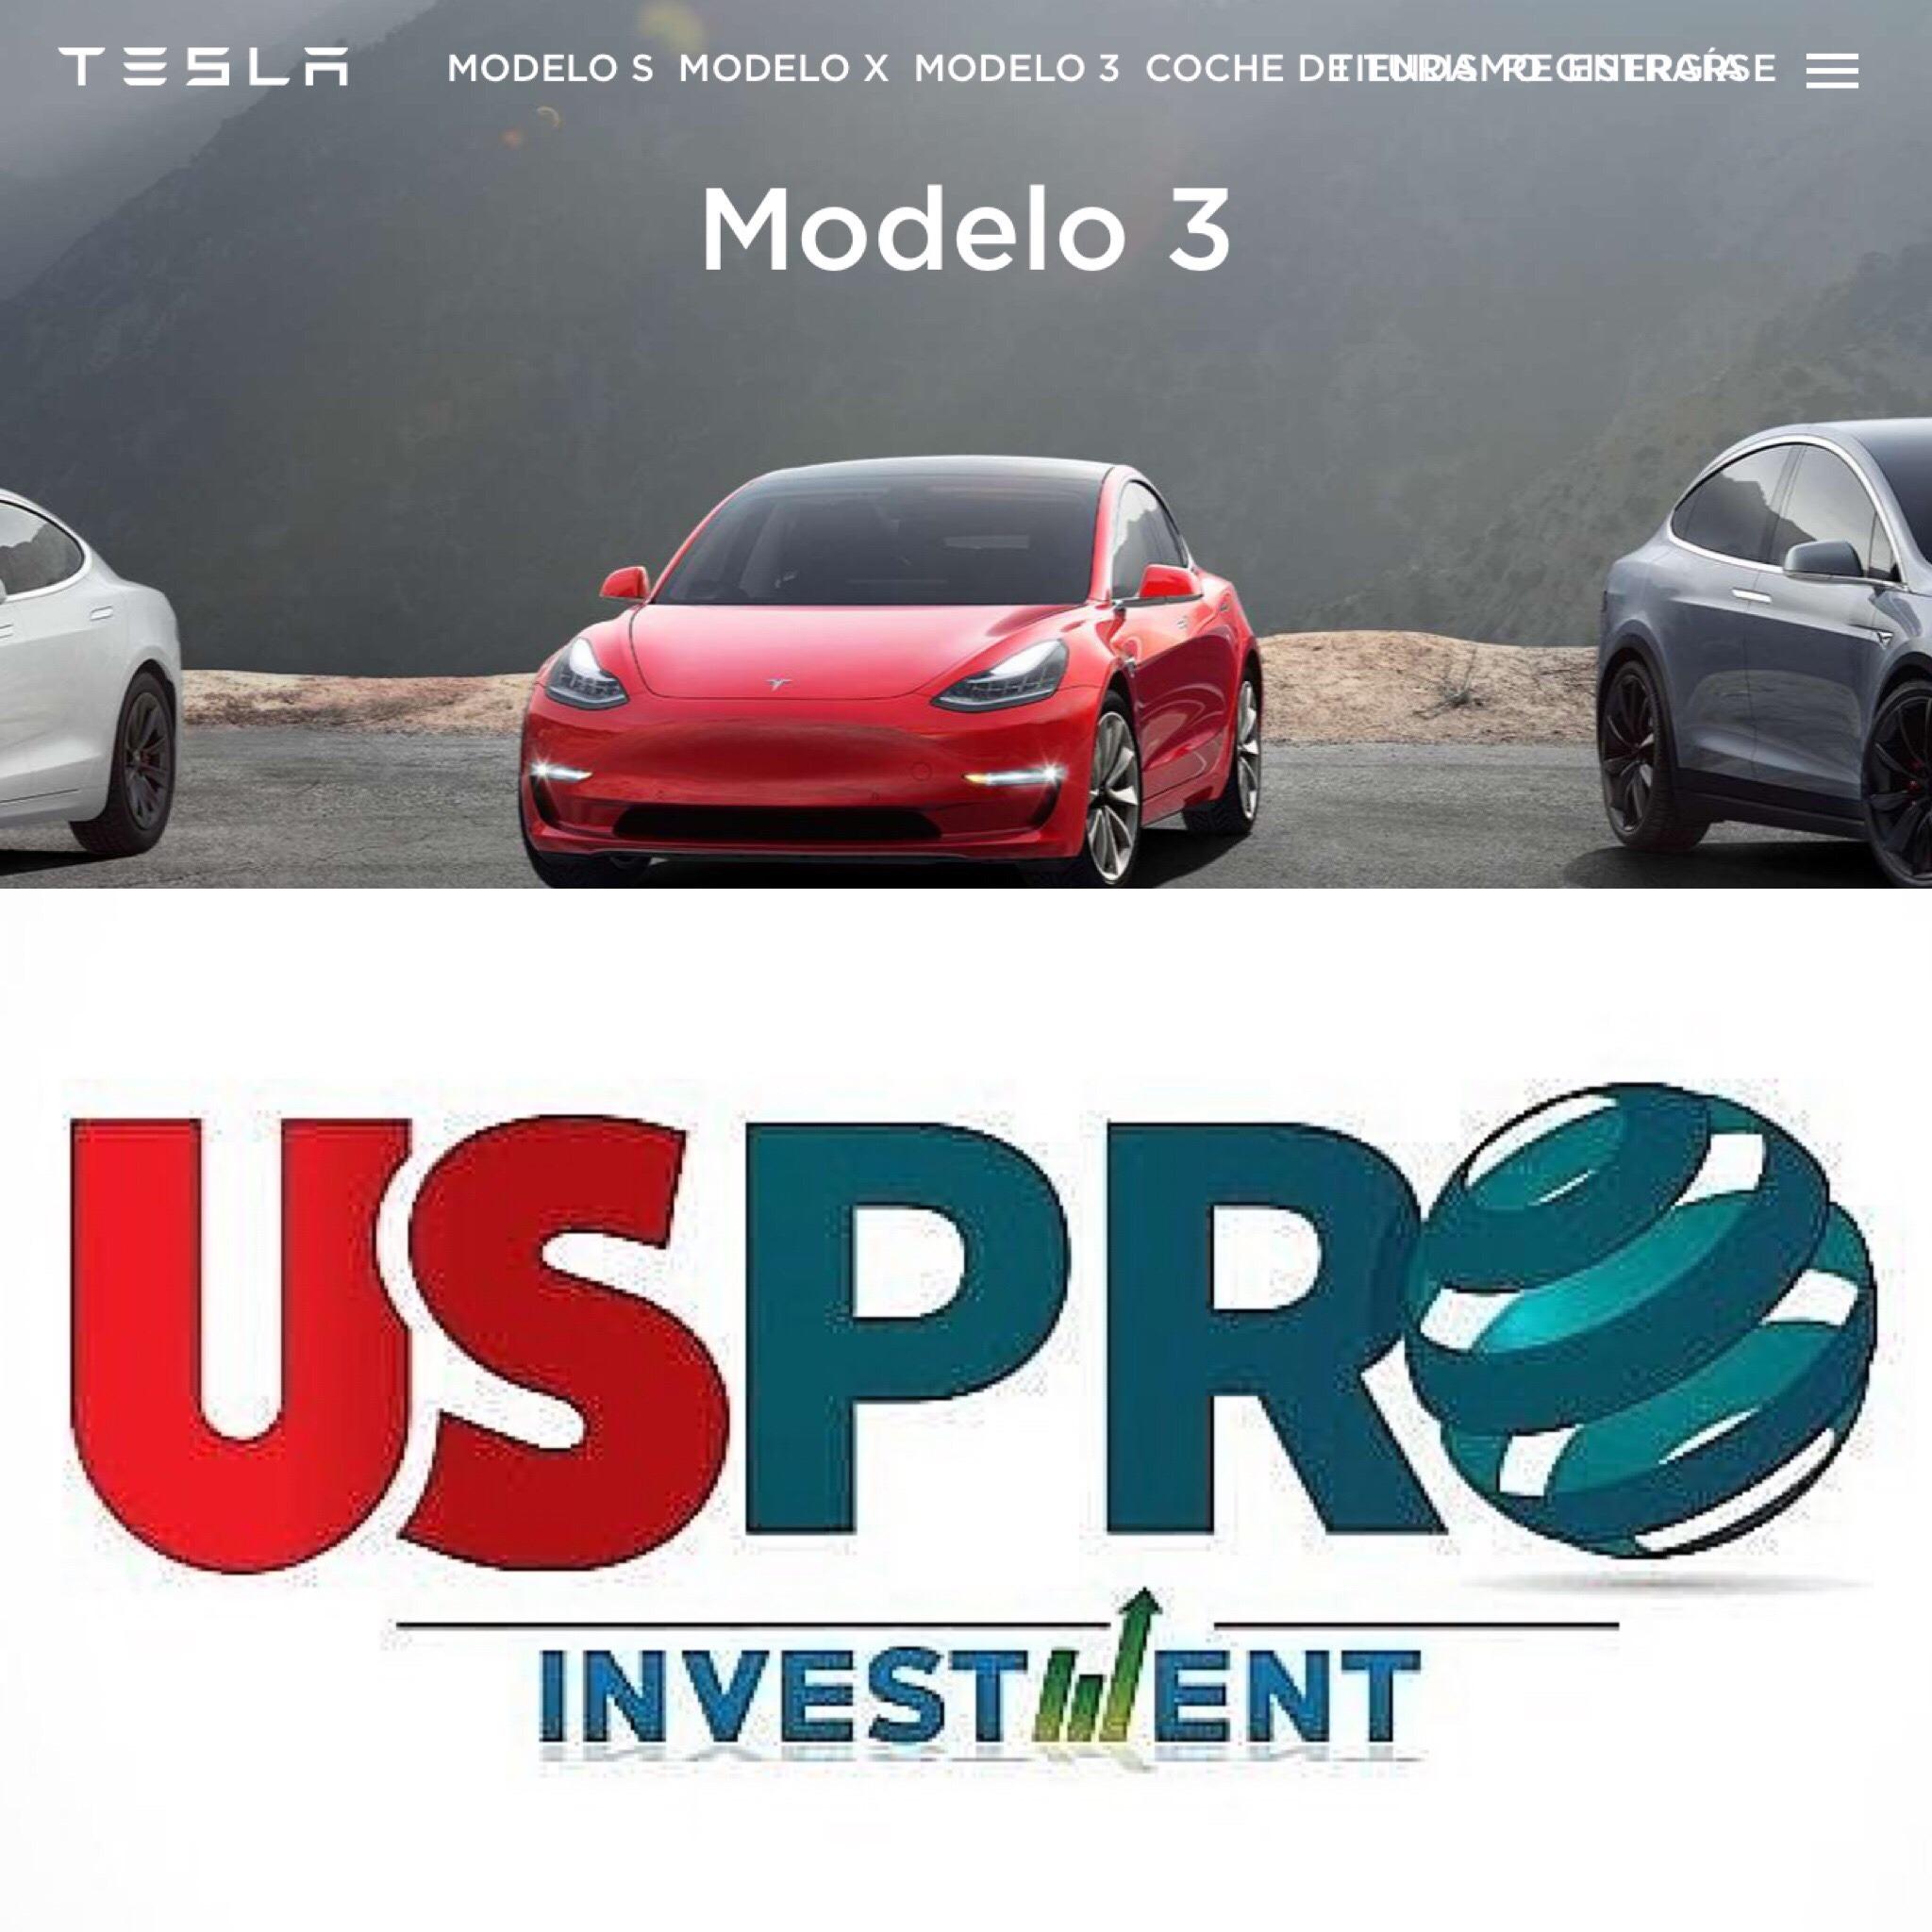 Tesla sorprende a todos y presenta el Modelo 3 estándar de $35.000. Las acciones suben, bajan y siguen fuertes.